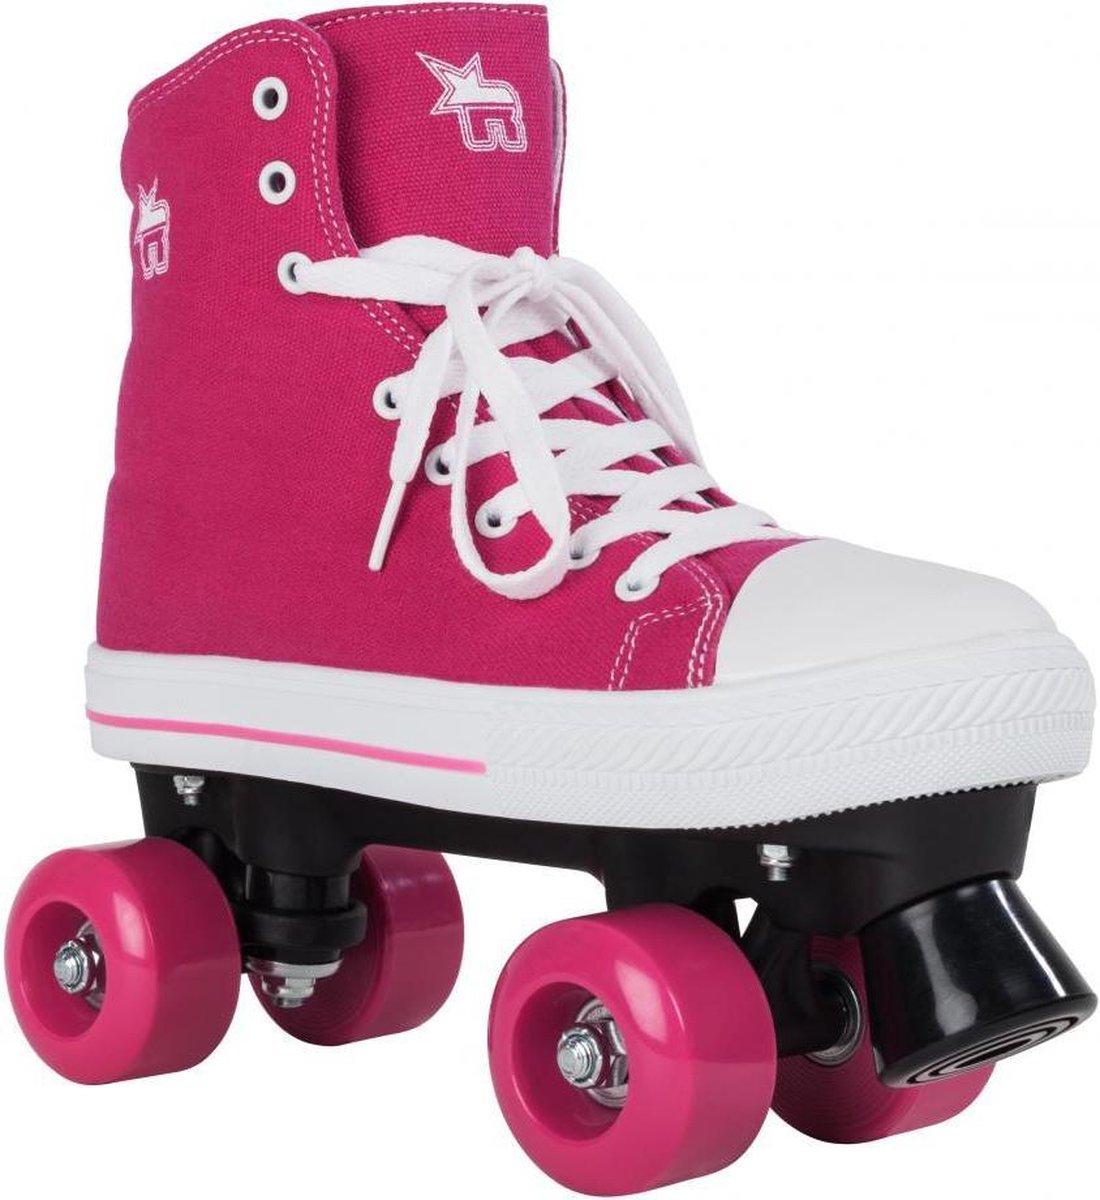 Rookie Rolschaatsen Canvas - Kinderen - Roze - Maat 35